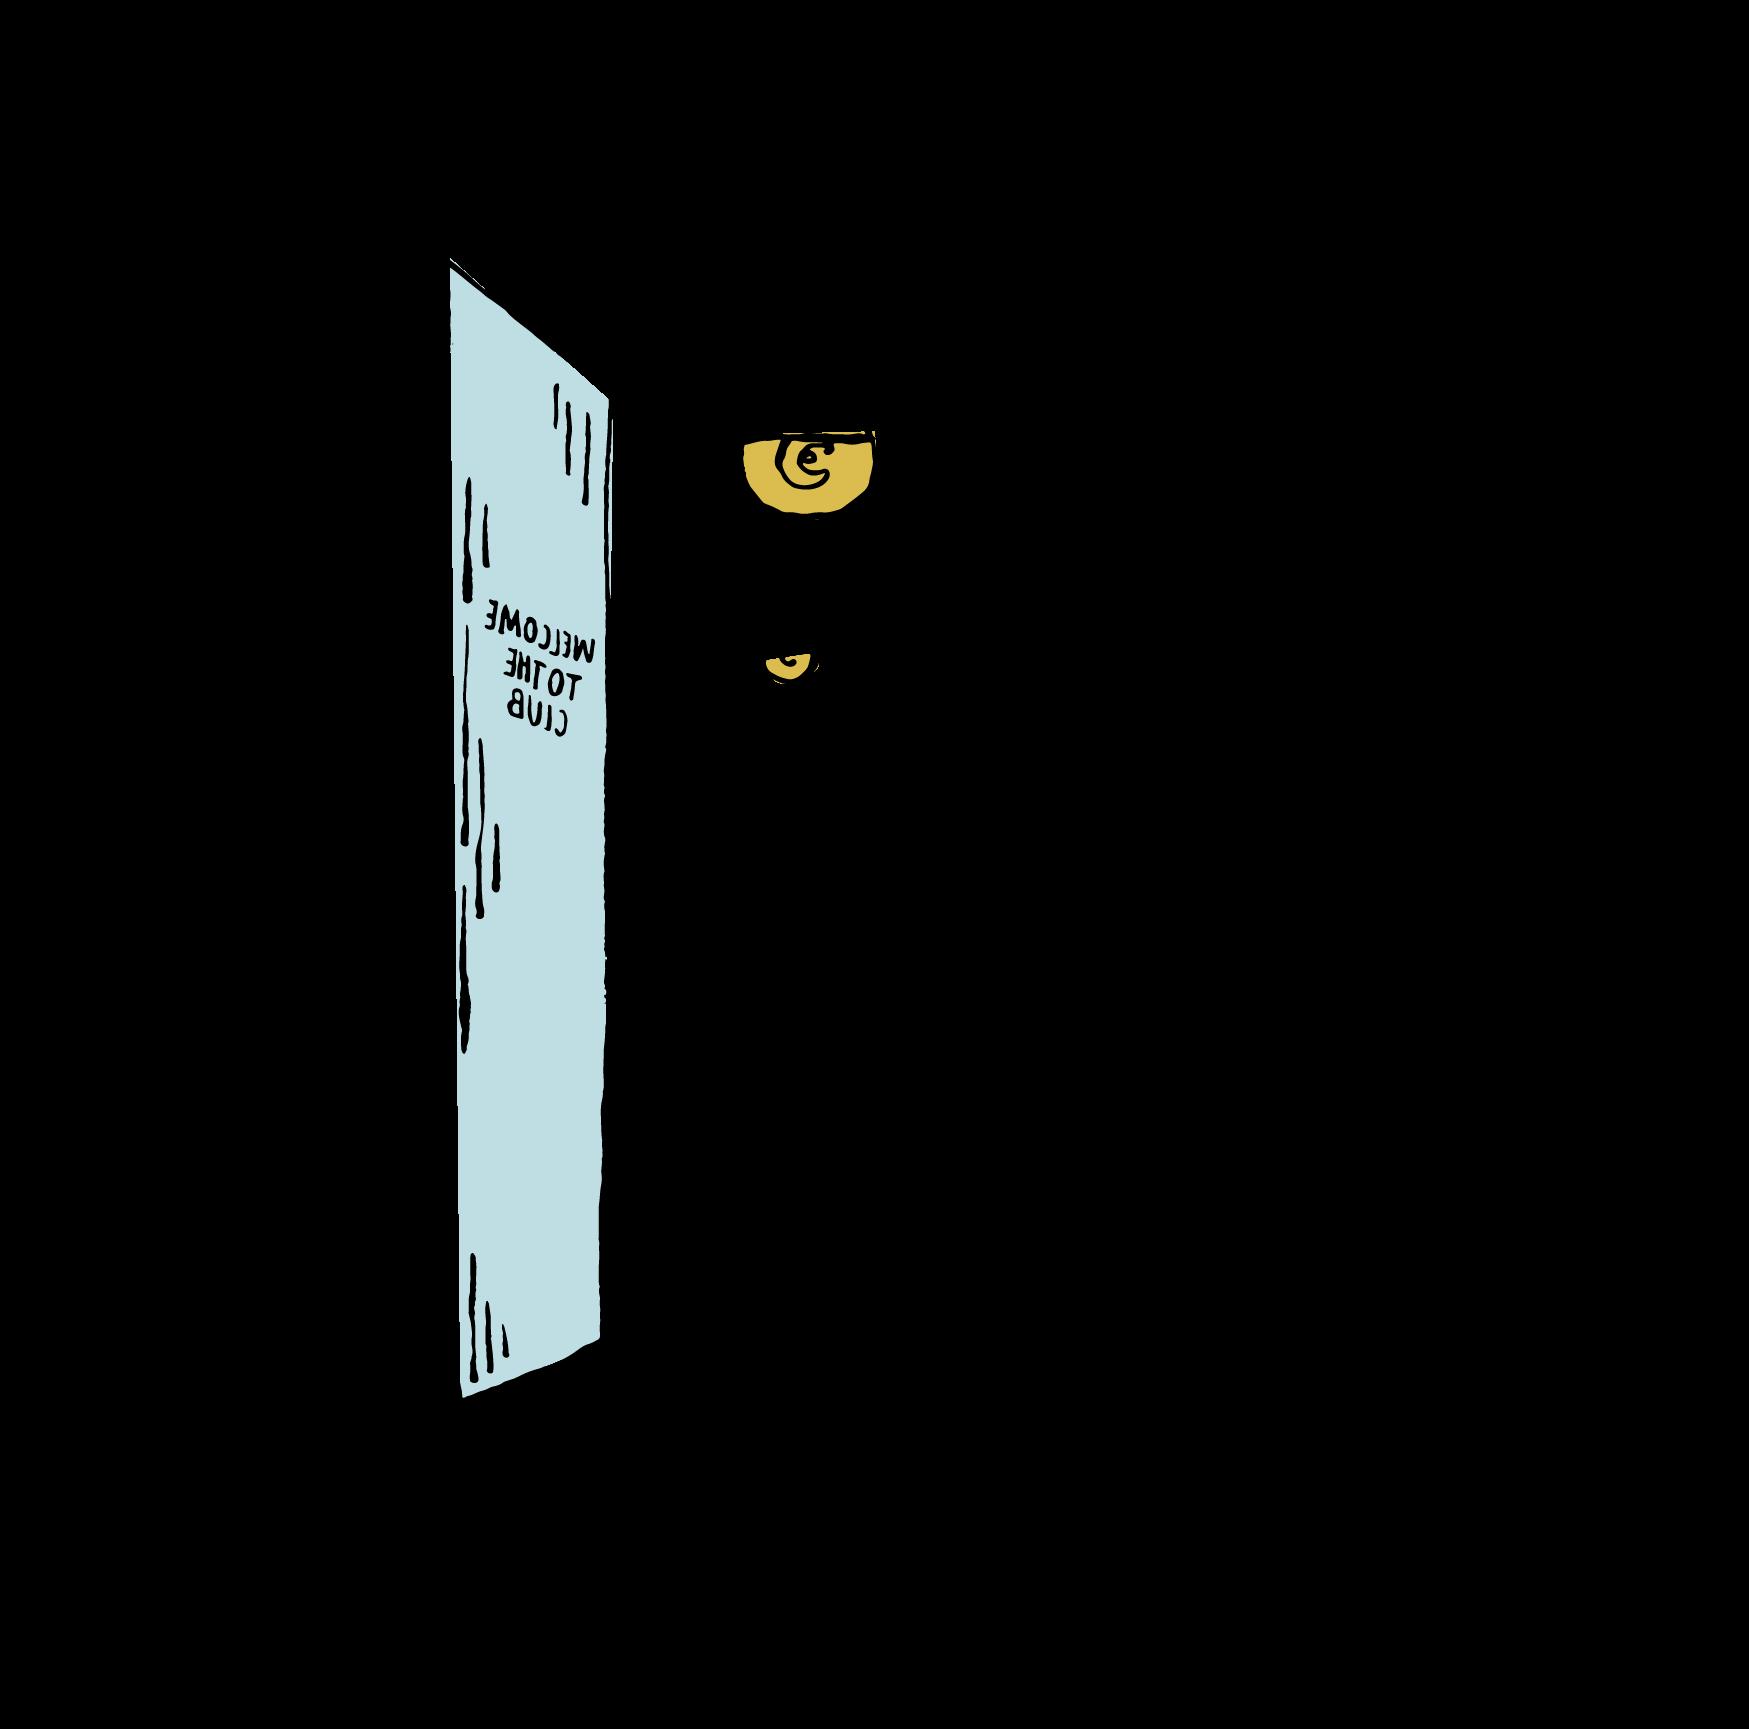 Welcome to the club door open